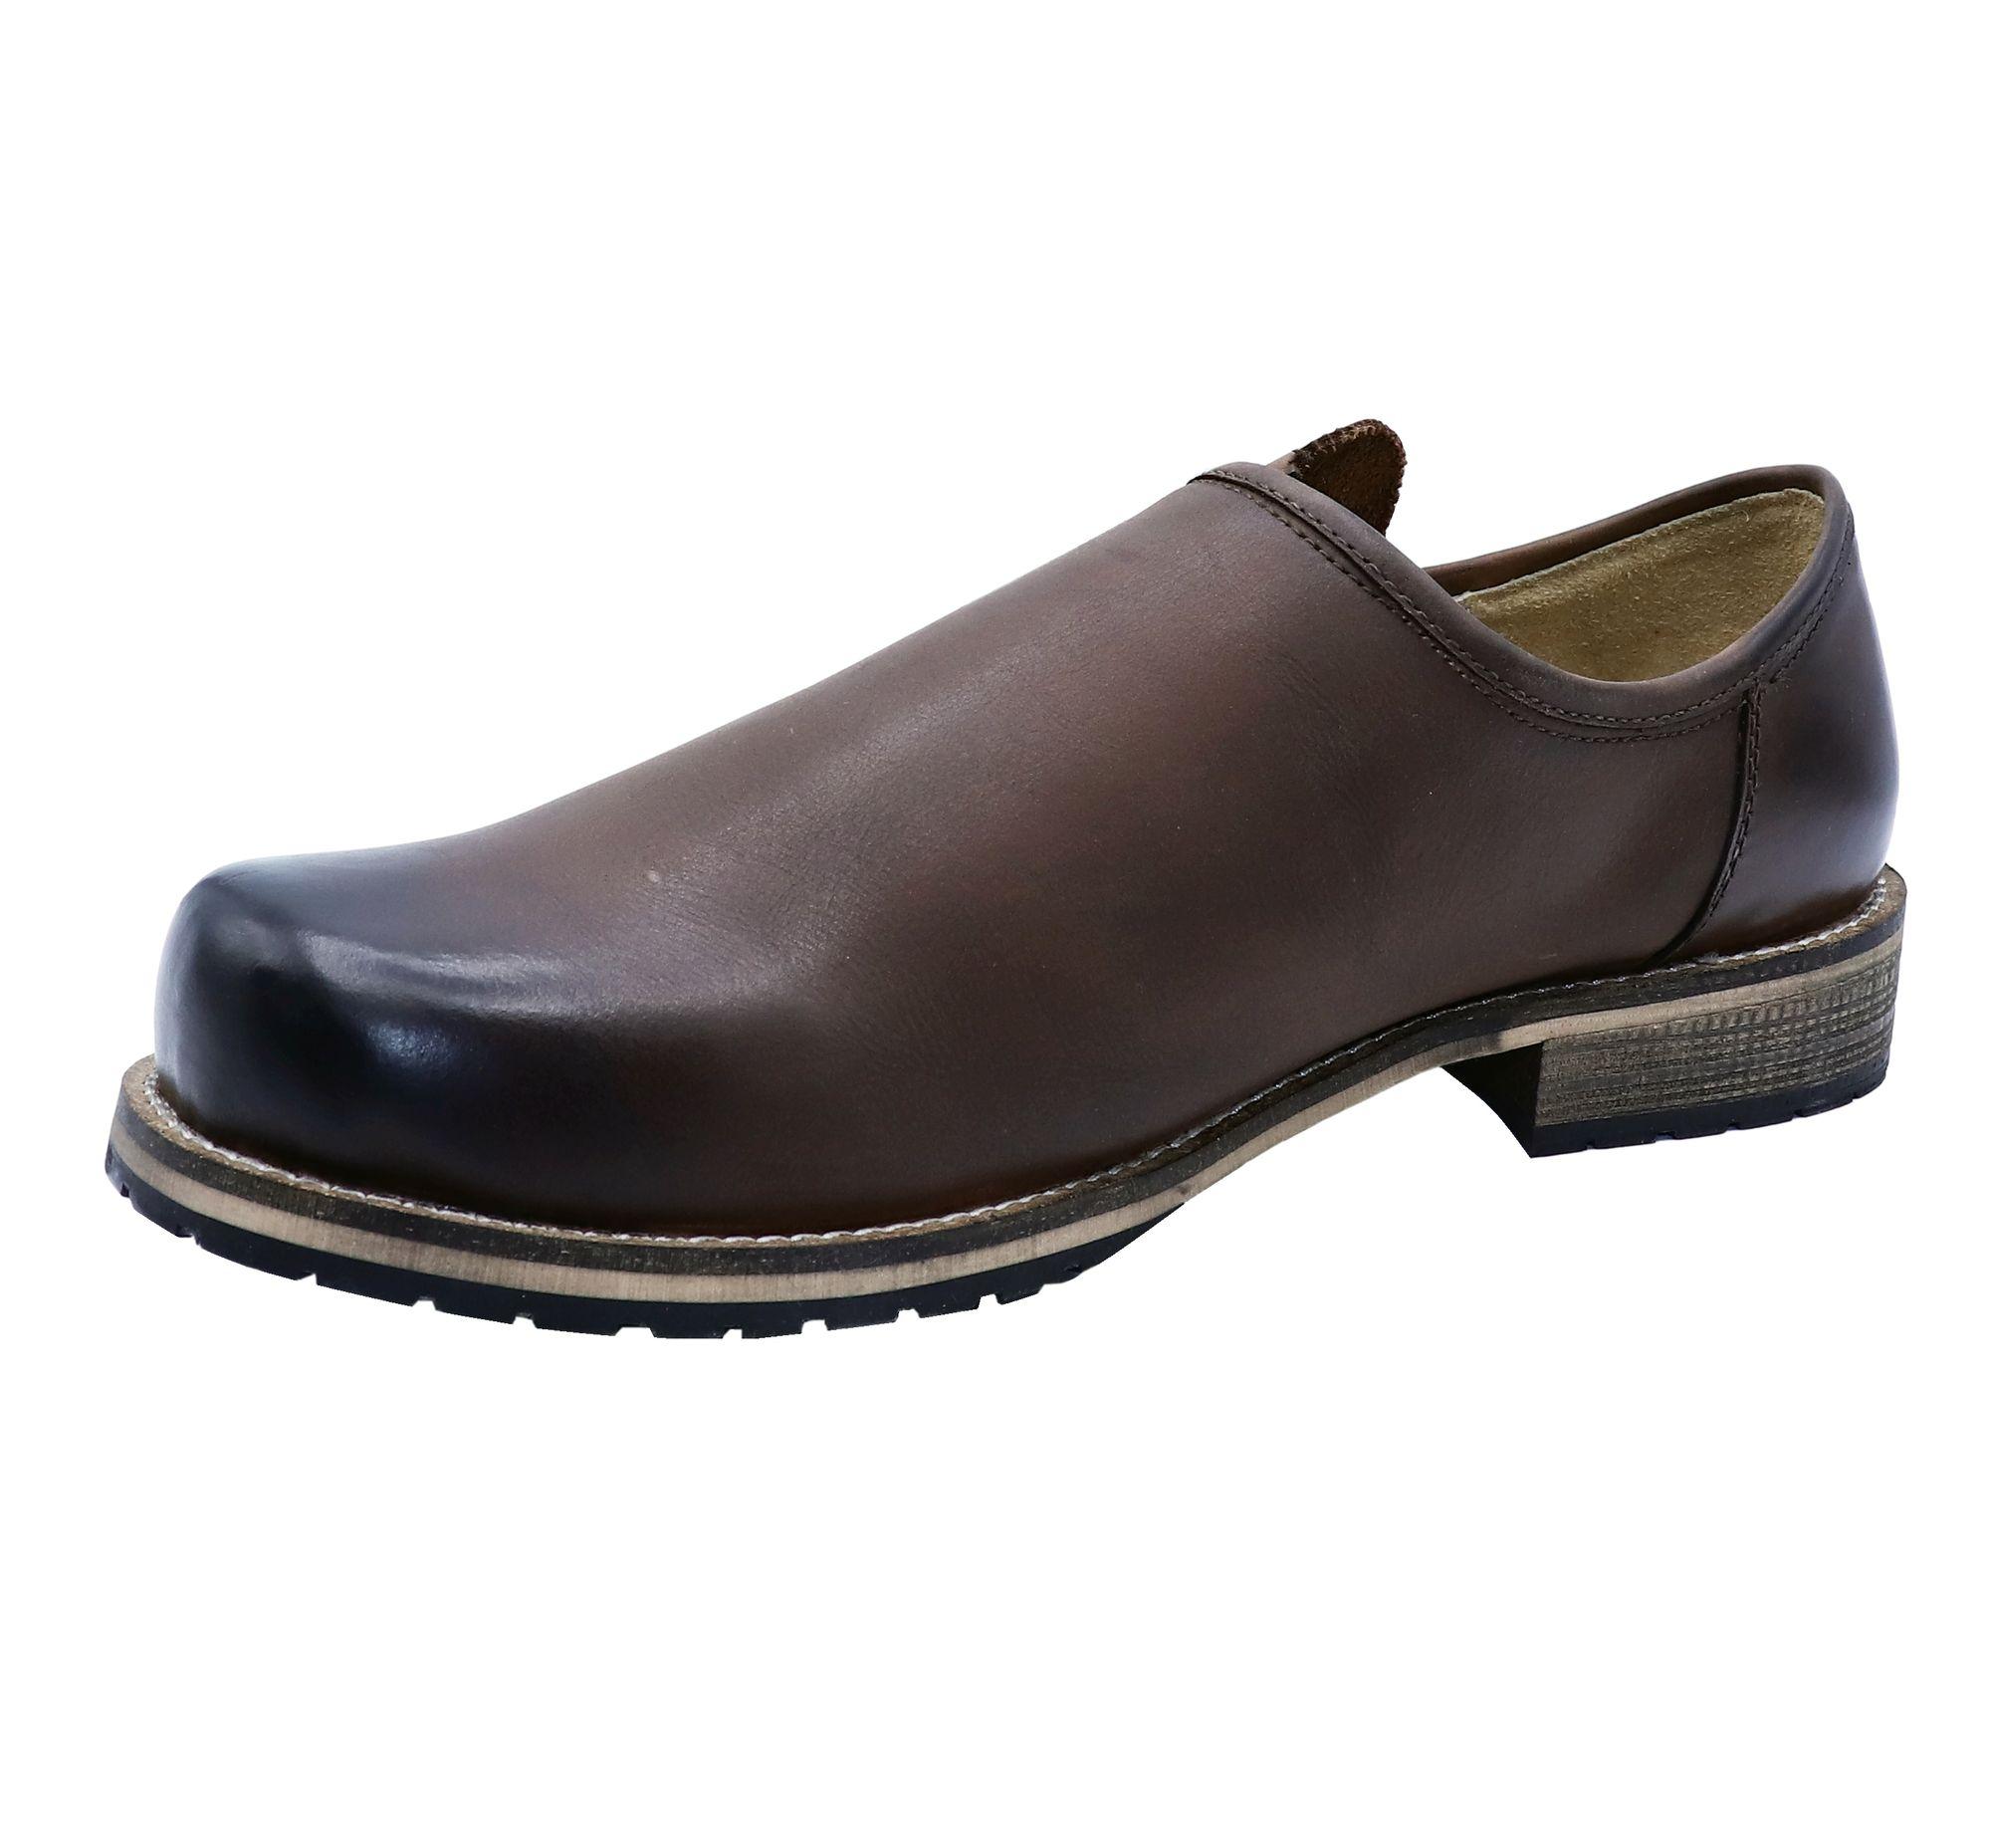 buy online 1750f b120e Trachtenschuhe Haferlschuhe Glattleder braun Herren-Schuhe Lederschuhe  Schnürer